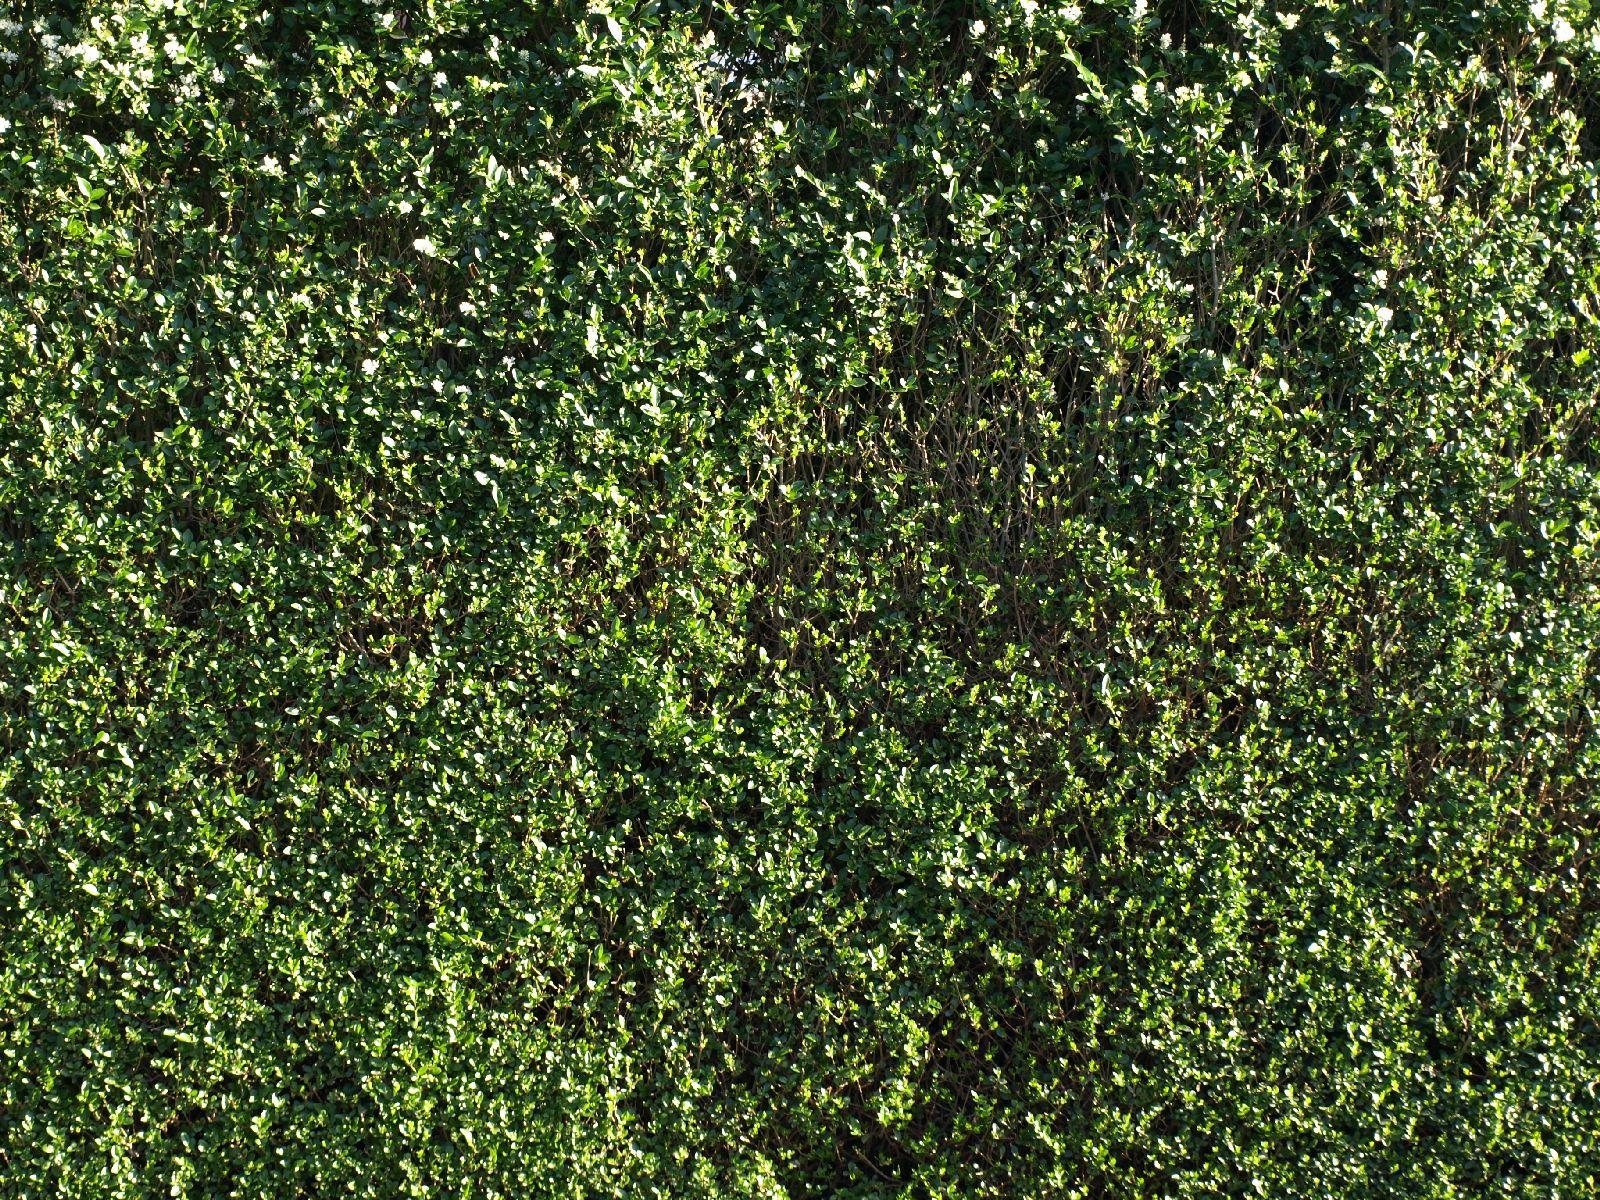 Pflanzen-Hecken-Foto_Textur_B_P6233710